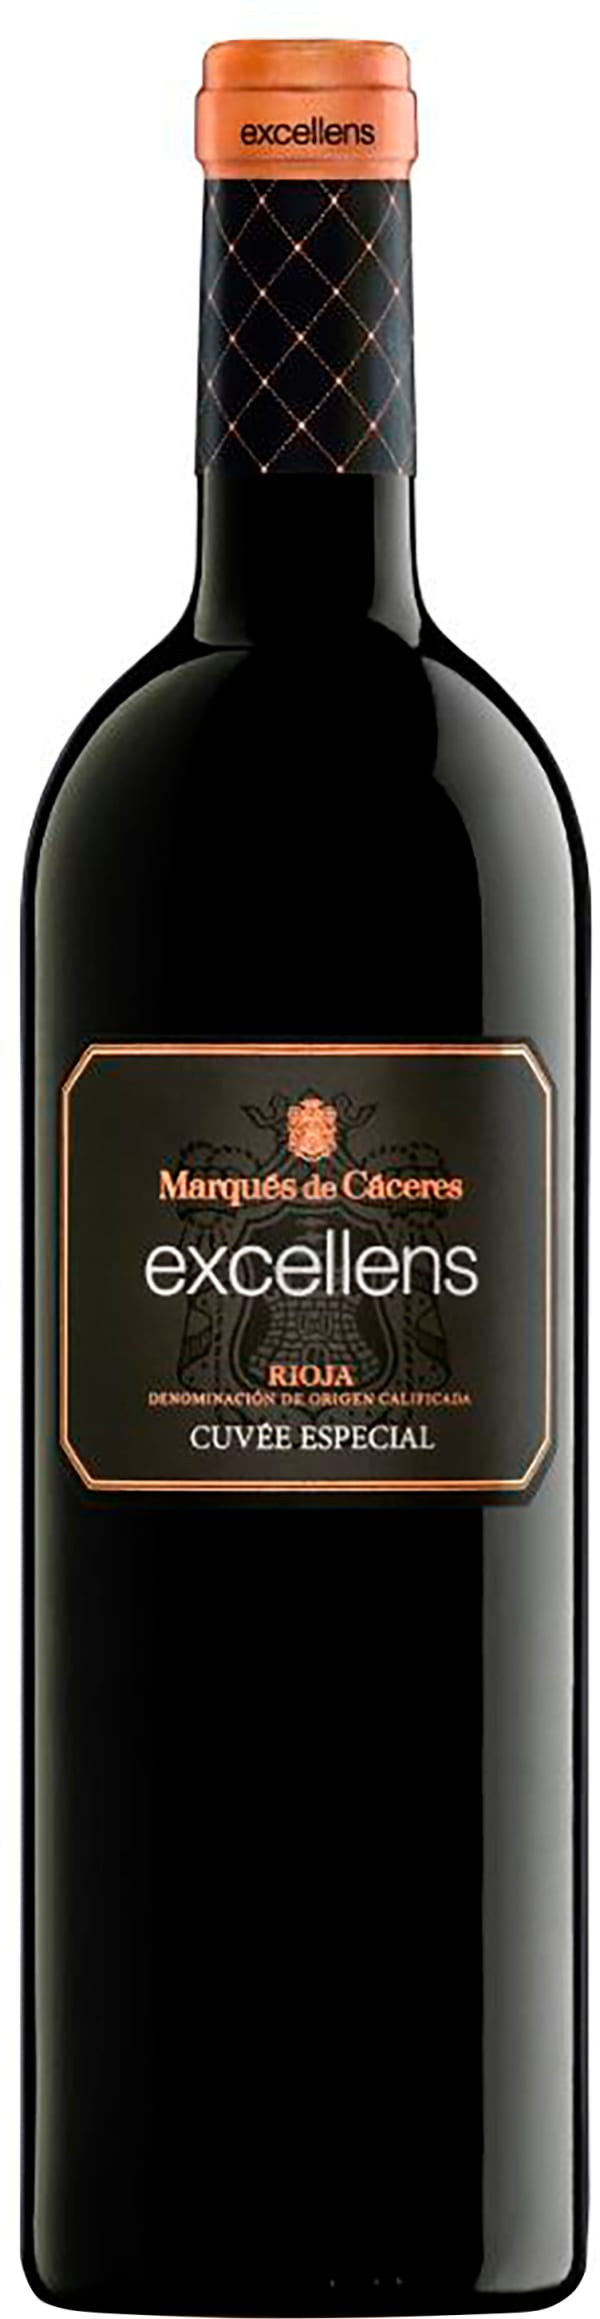 Marqués de Cáceres Excellens Cuvée 2015